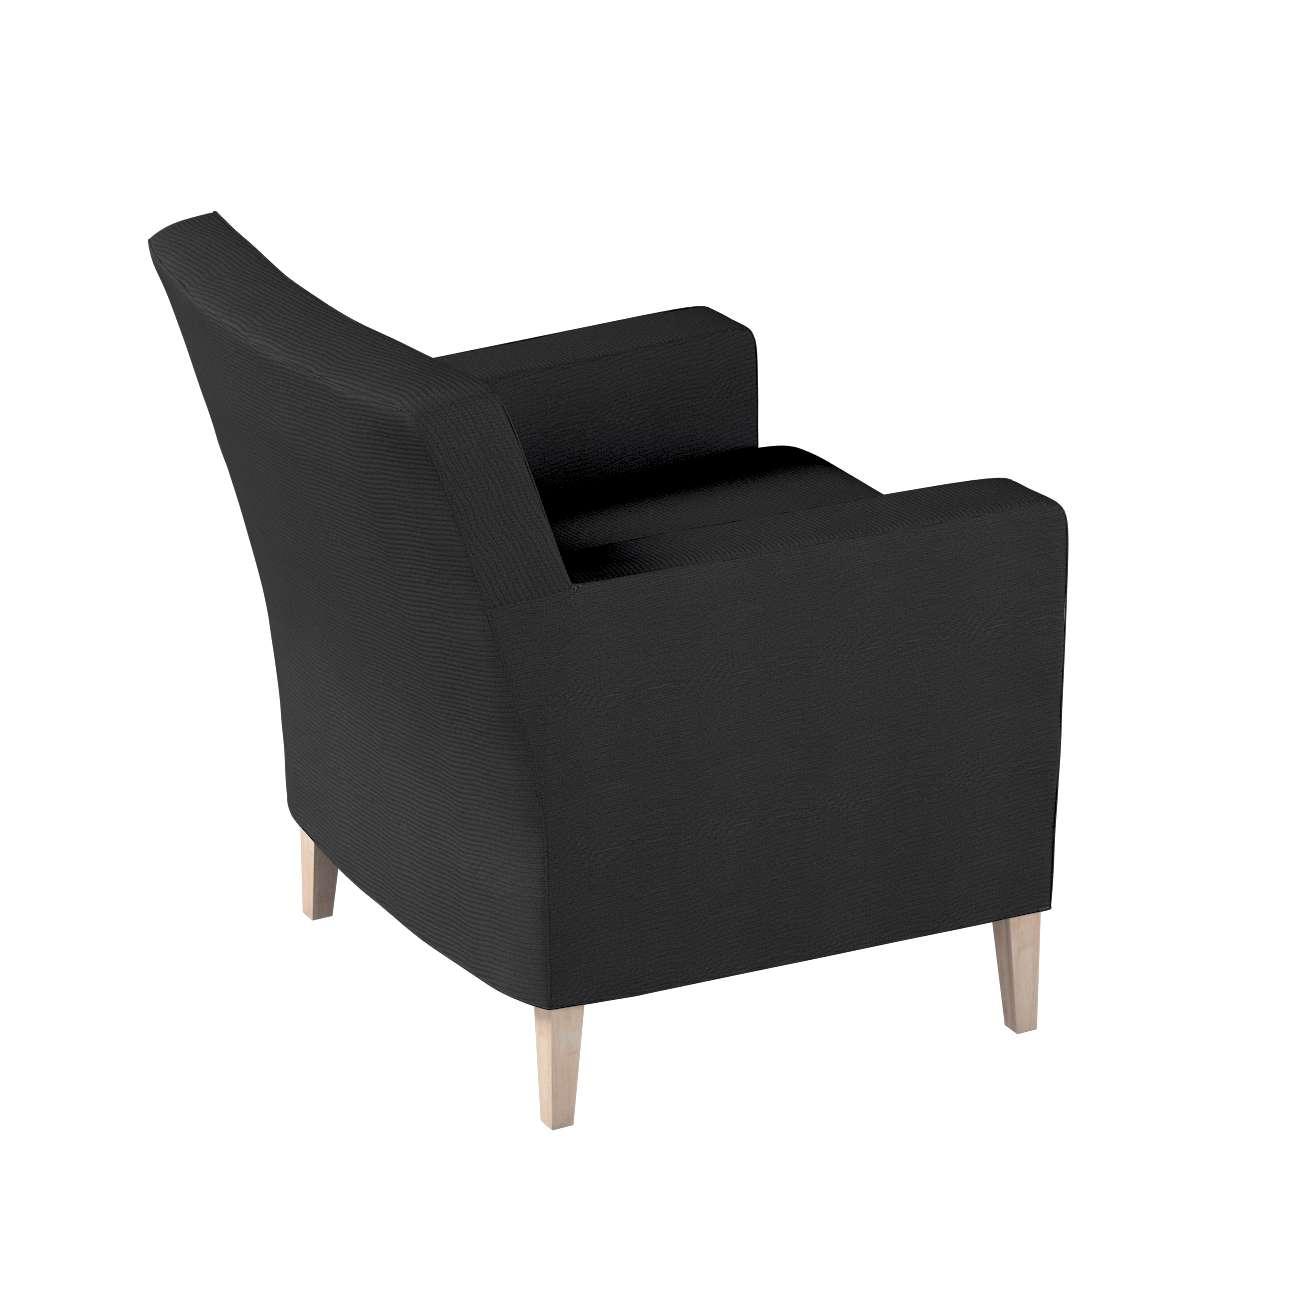 Karlstad nojatuoli, korkea mallistosta Etna - ei verhoihin, Kangas: 705-00